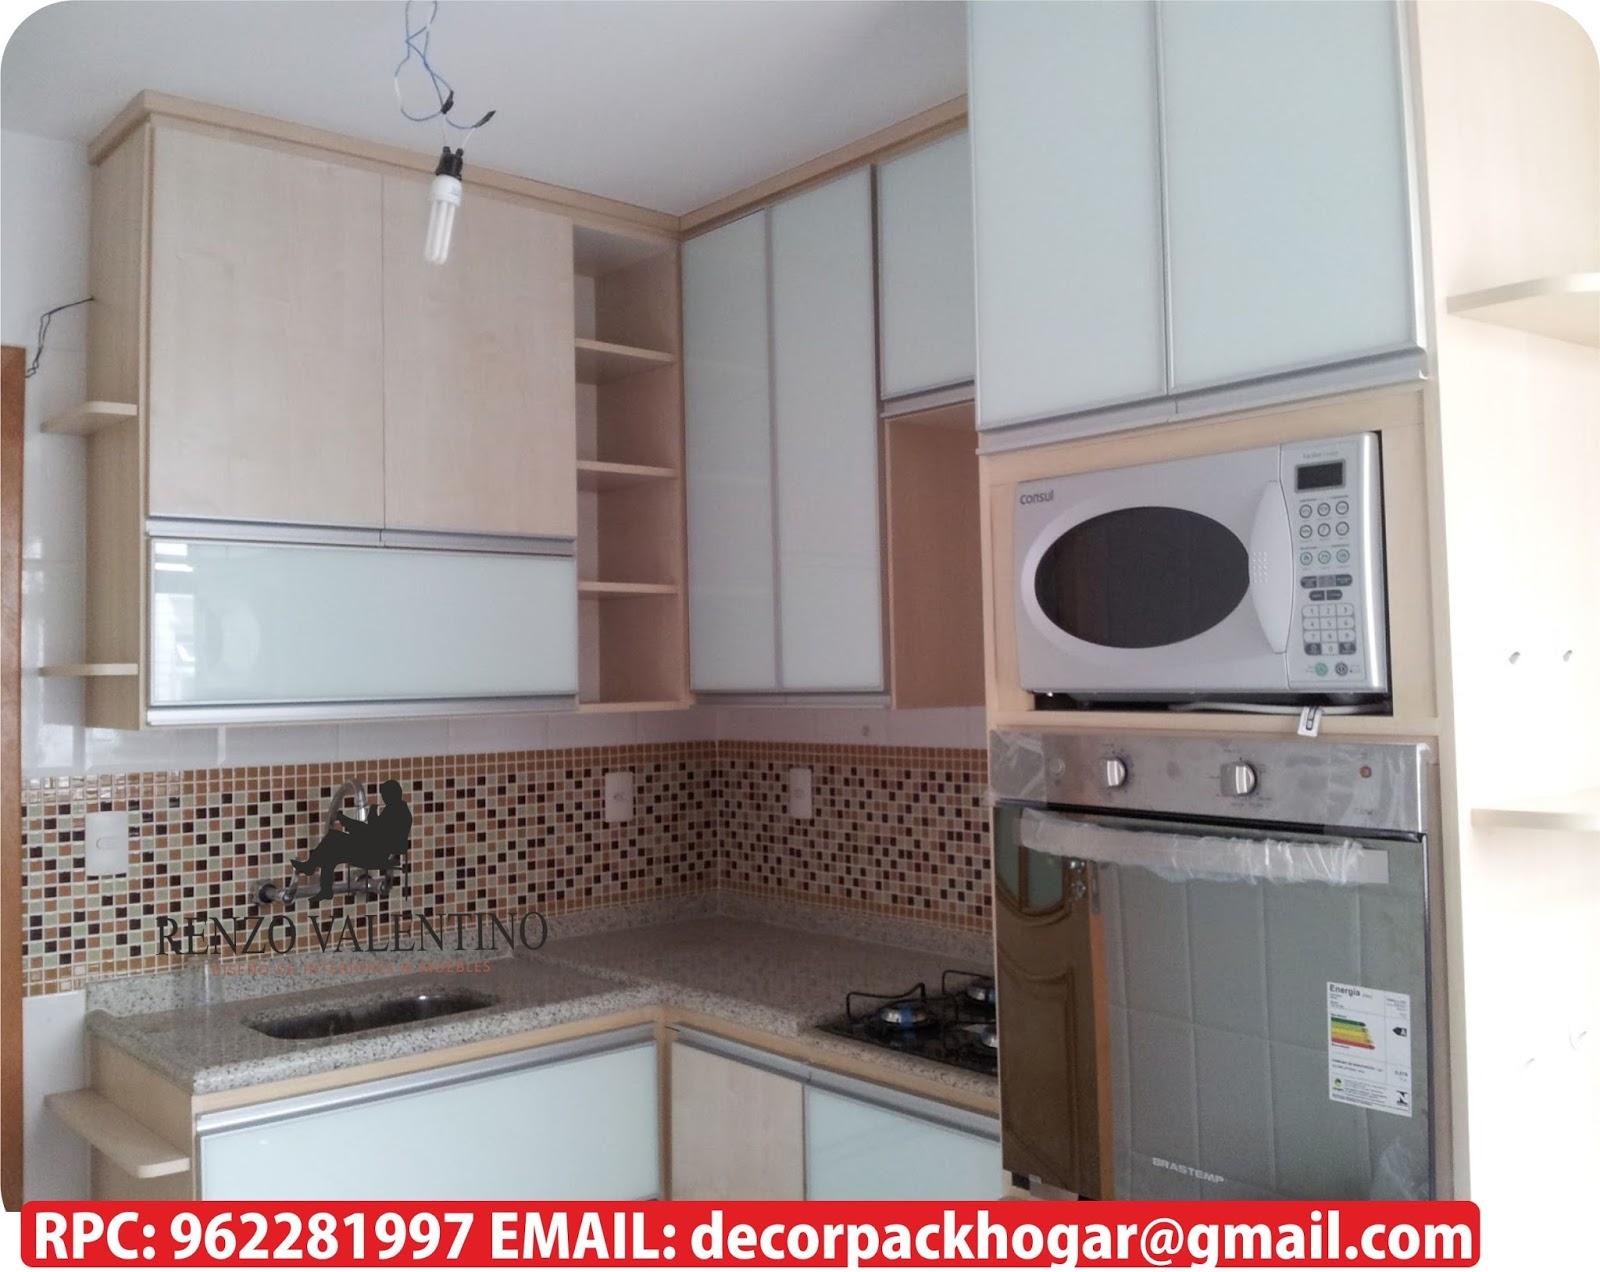 Dise os fabricacion de closet cocina y muebles de oficina - Muebles para cocina economica ...